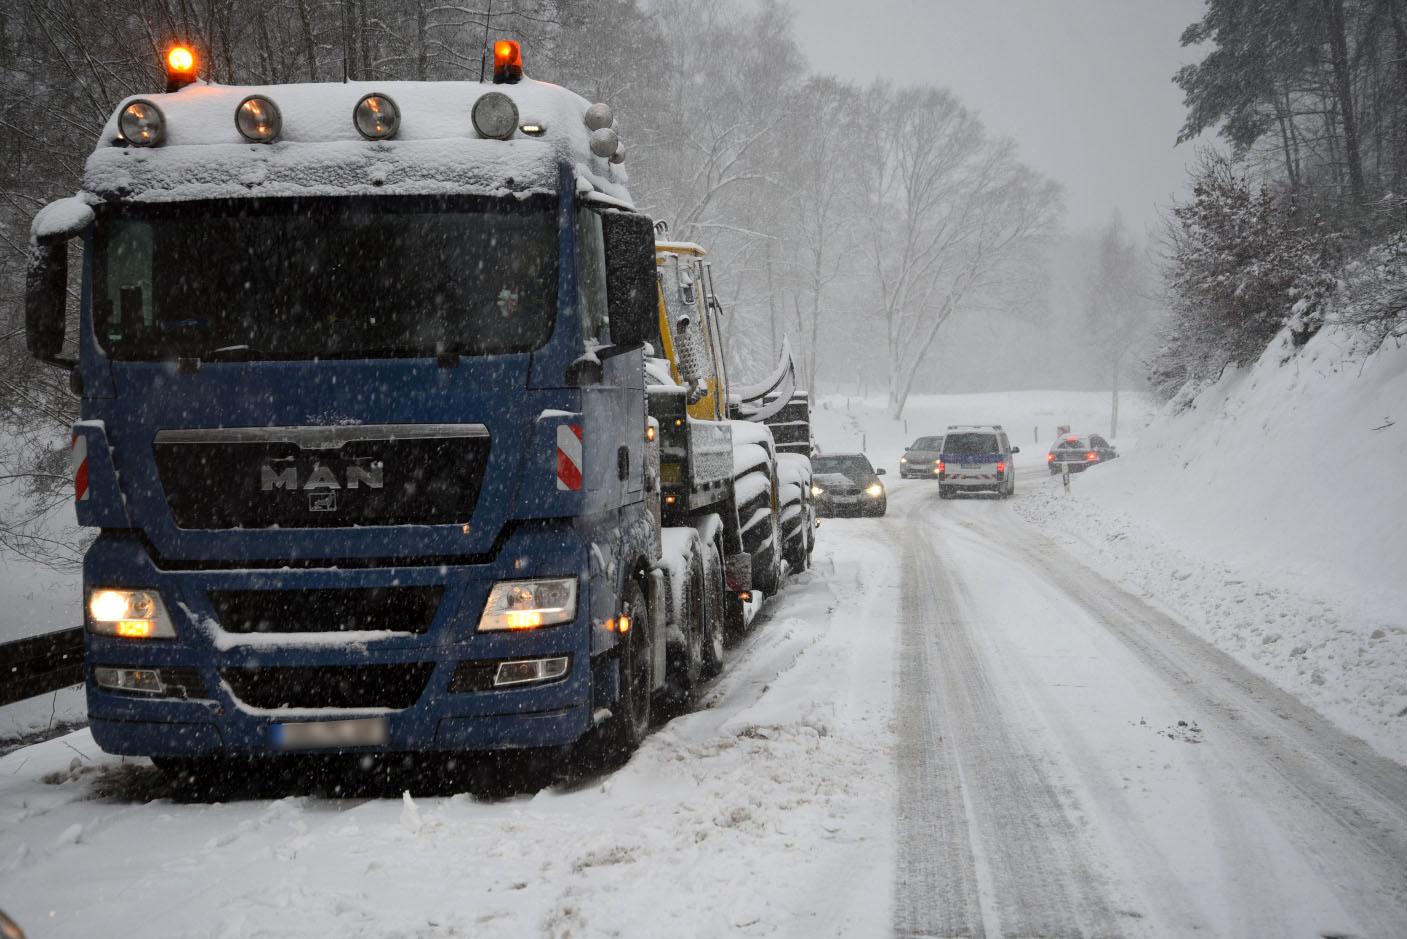 Rhein-Neckar: Starke Schneefälle und Straßenglätte - Lkw hängen an Steigung fest